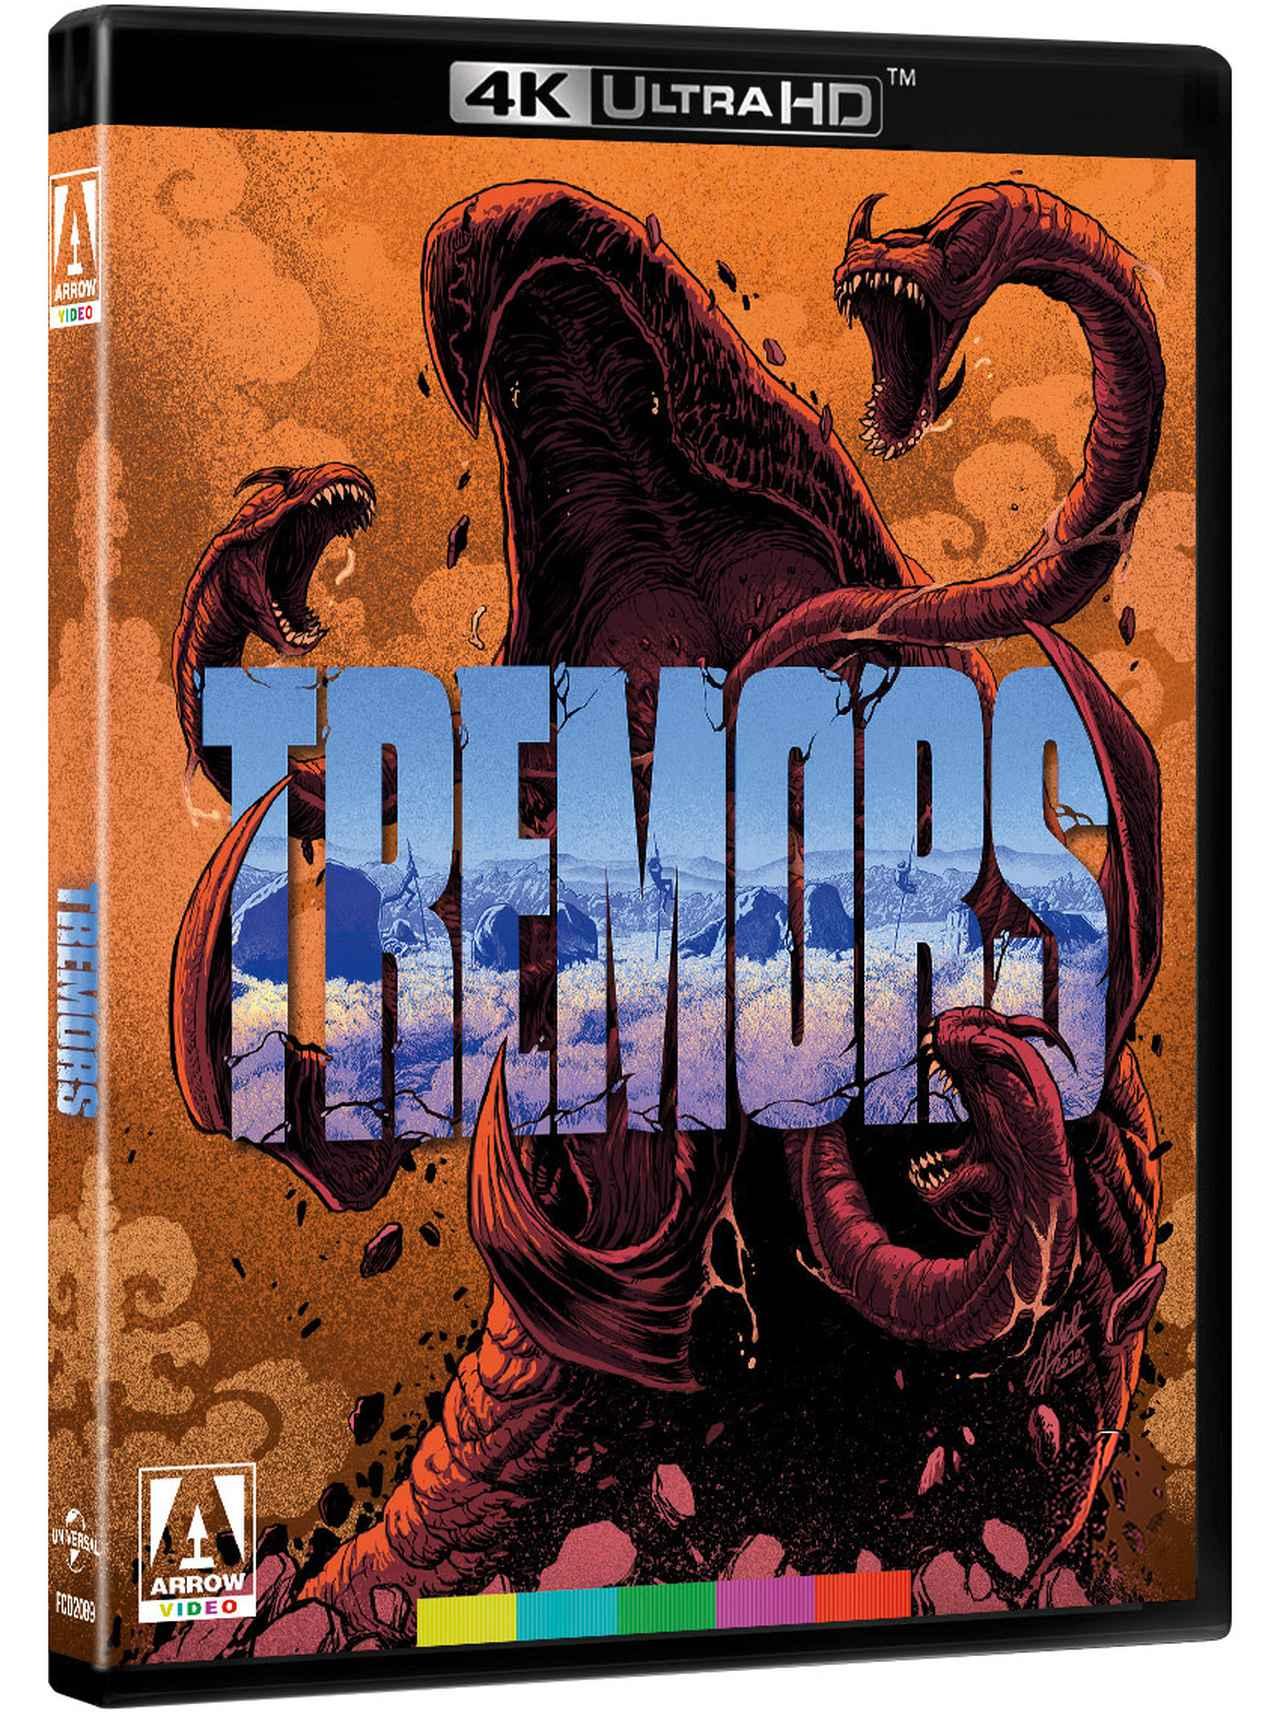 画像2: 痛快!4K怪獣映画『トレマーズ』【海外盤Blu-ray発売情報】